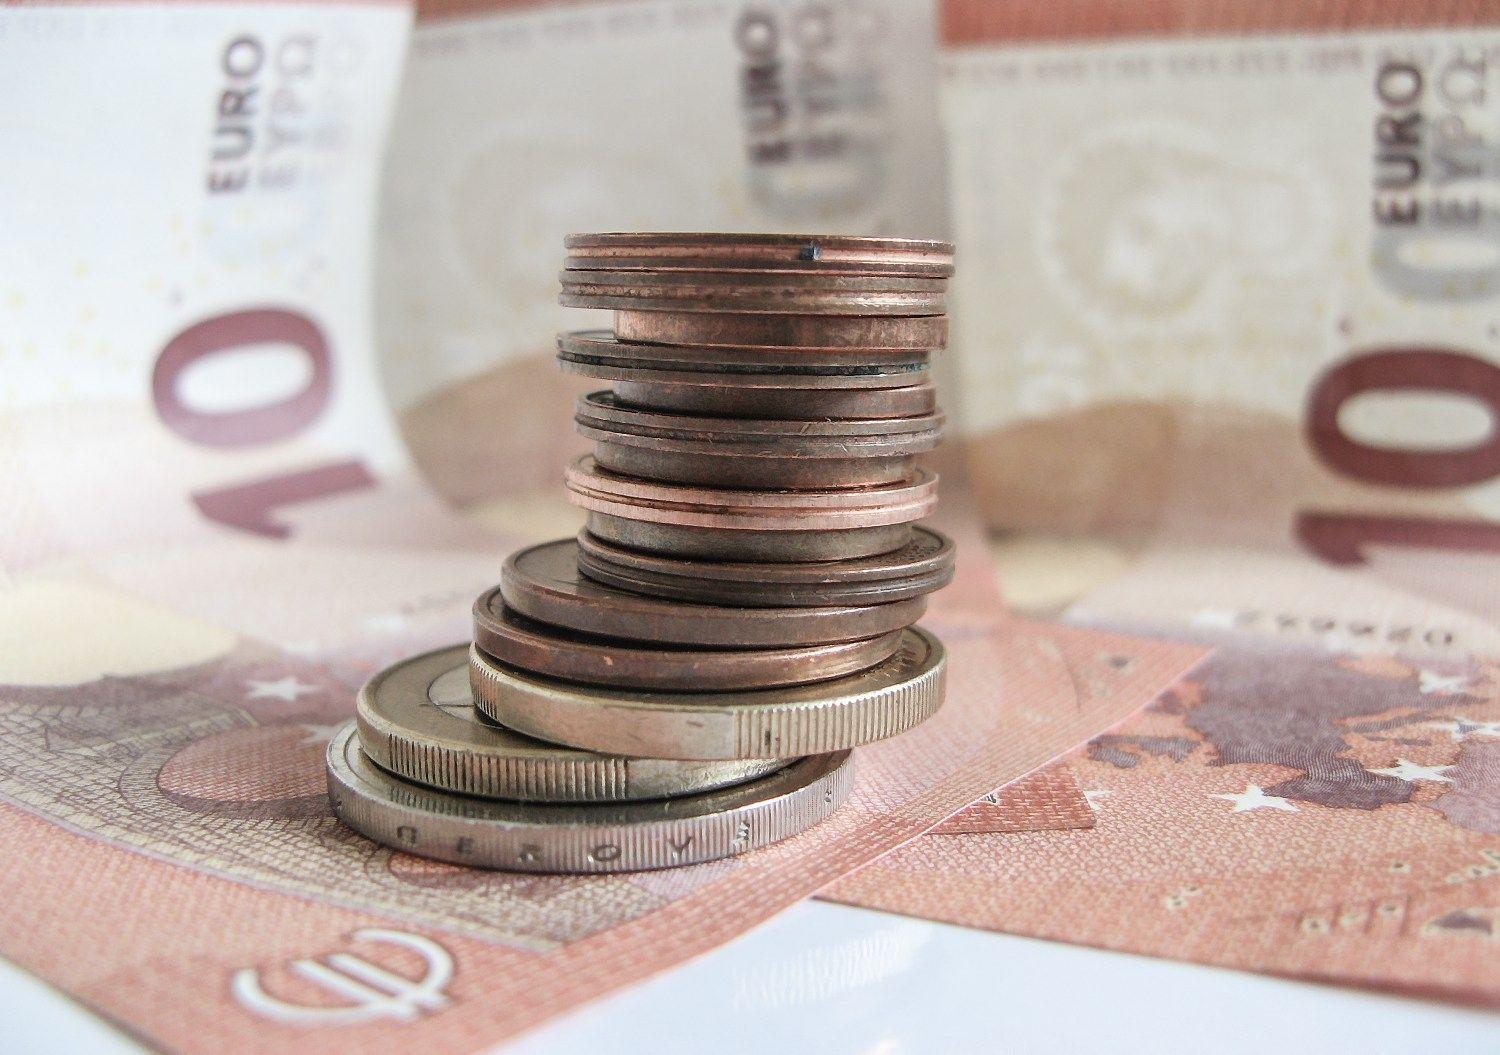 Reikės deklaruoti pinigų judėjimą tarp įmonės, akcininko ir darbuotojų